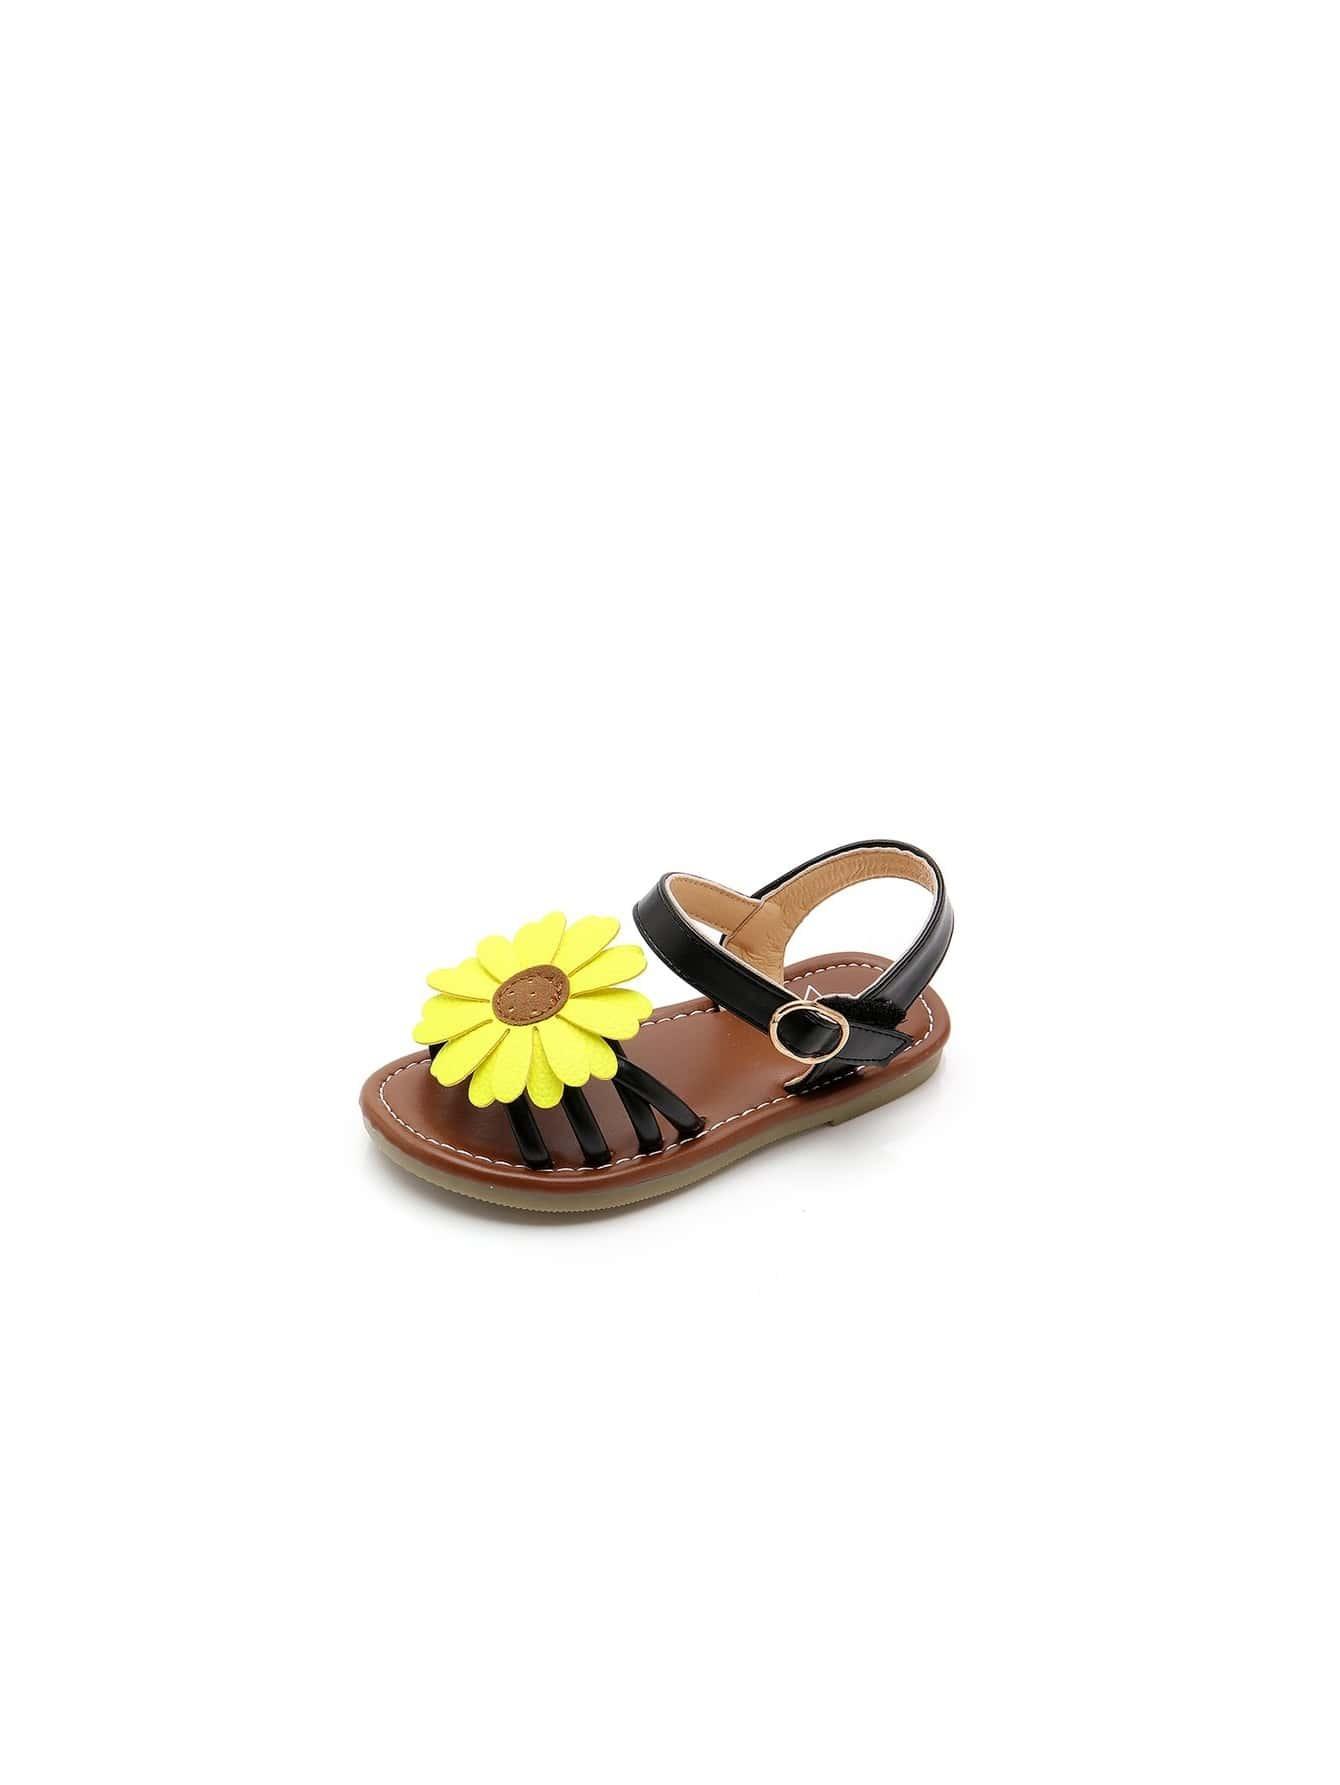 Girls Flower Decorated Sandals